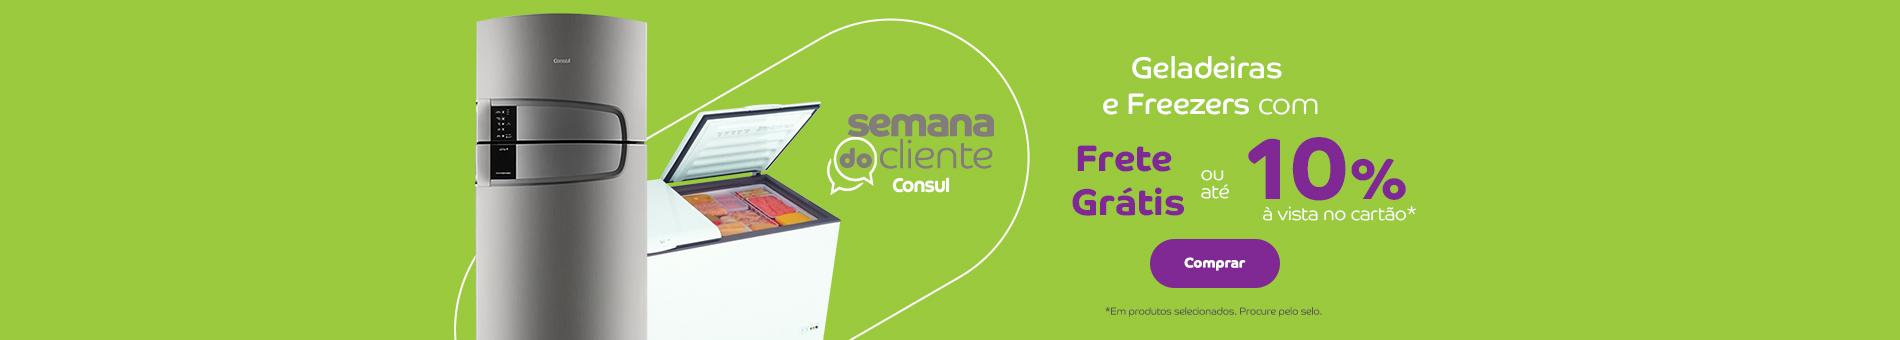 Promoção Interna - 2099 - camp-semanadocliente_geladeira-freezers_13092017_home3 - geladeira-freezers - 3